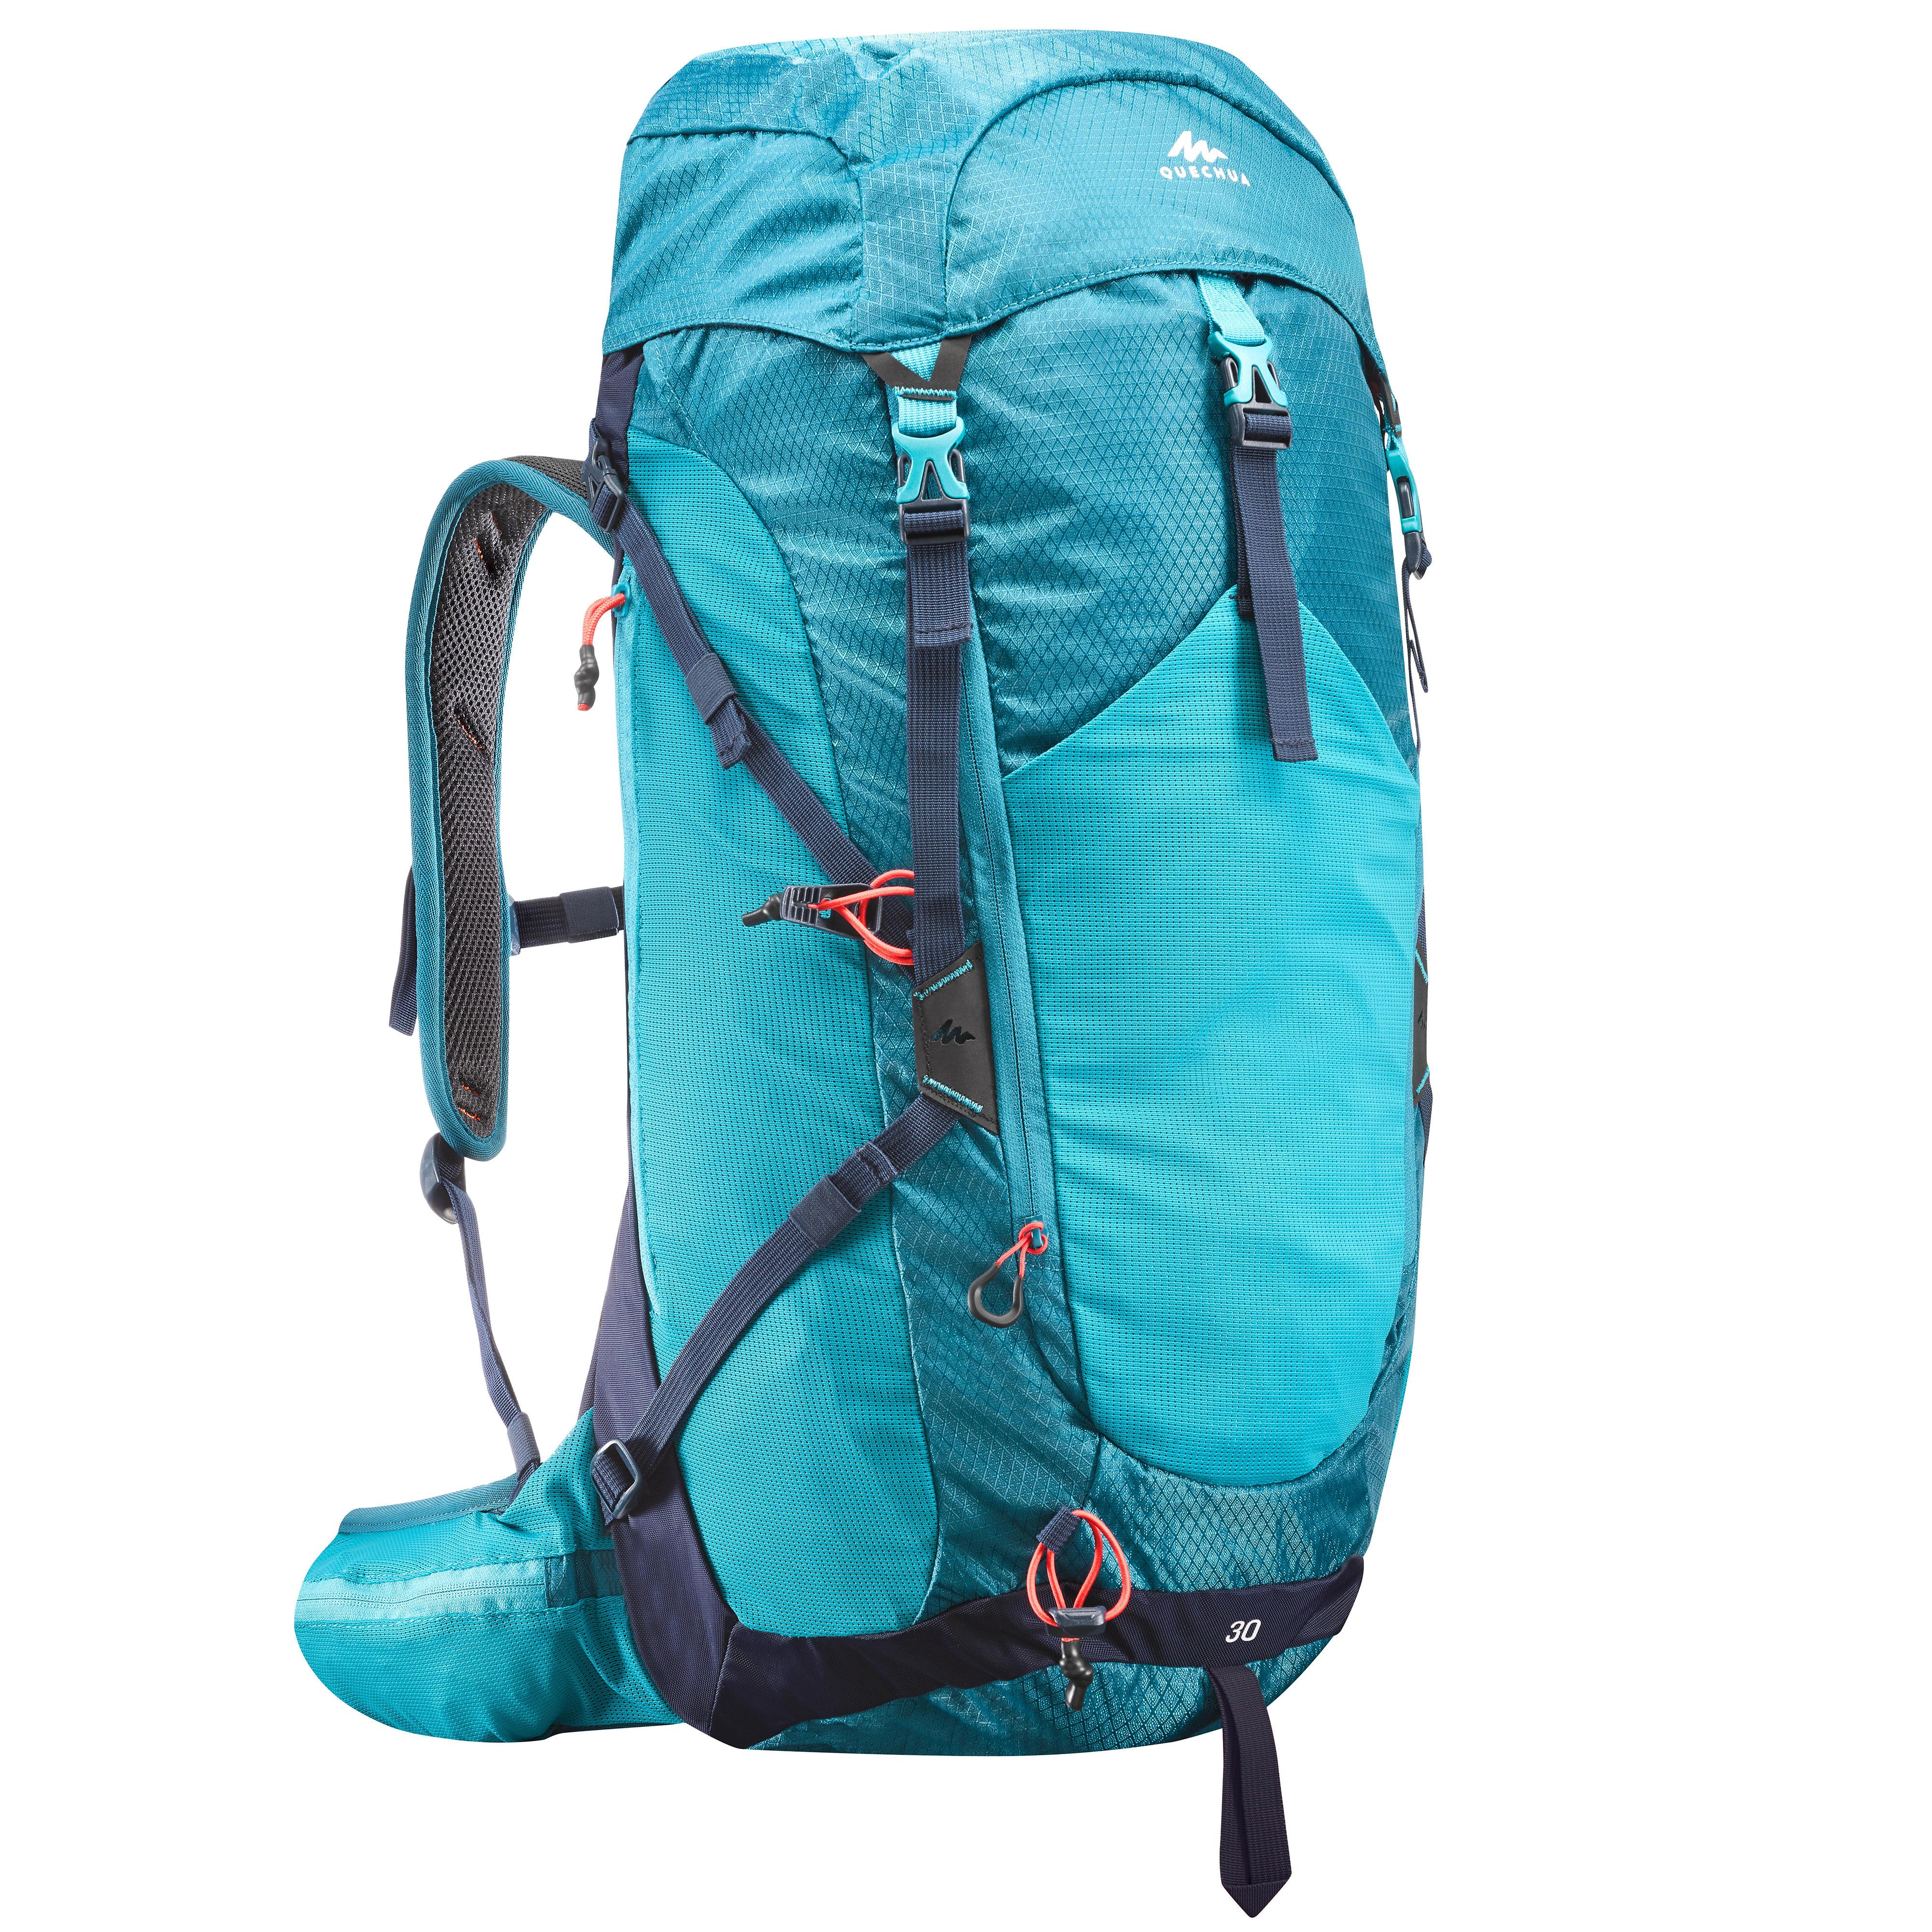 f6ae9ce19e5 Quechua wandelen rugzak wandelrugzak voor bergtochten mh500 30 liter blauw.  onze bevlogen ontwikkelaars .